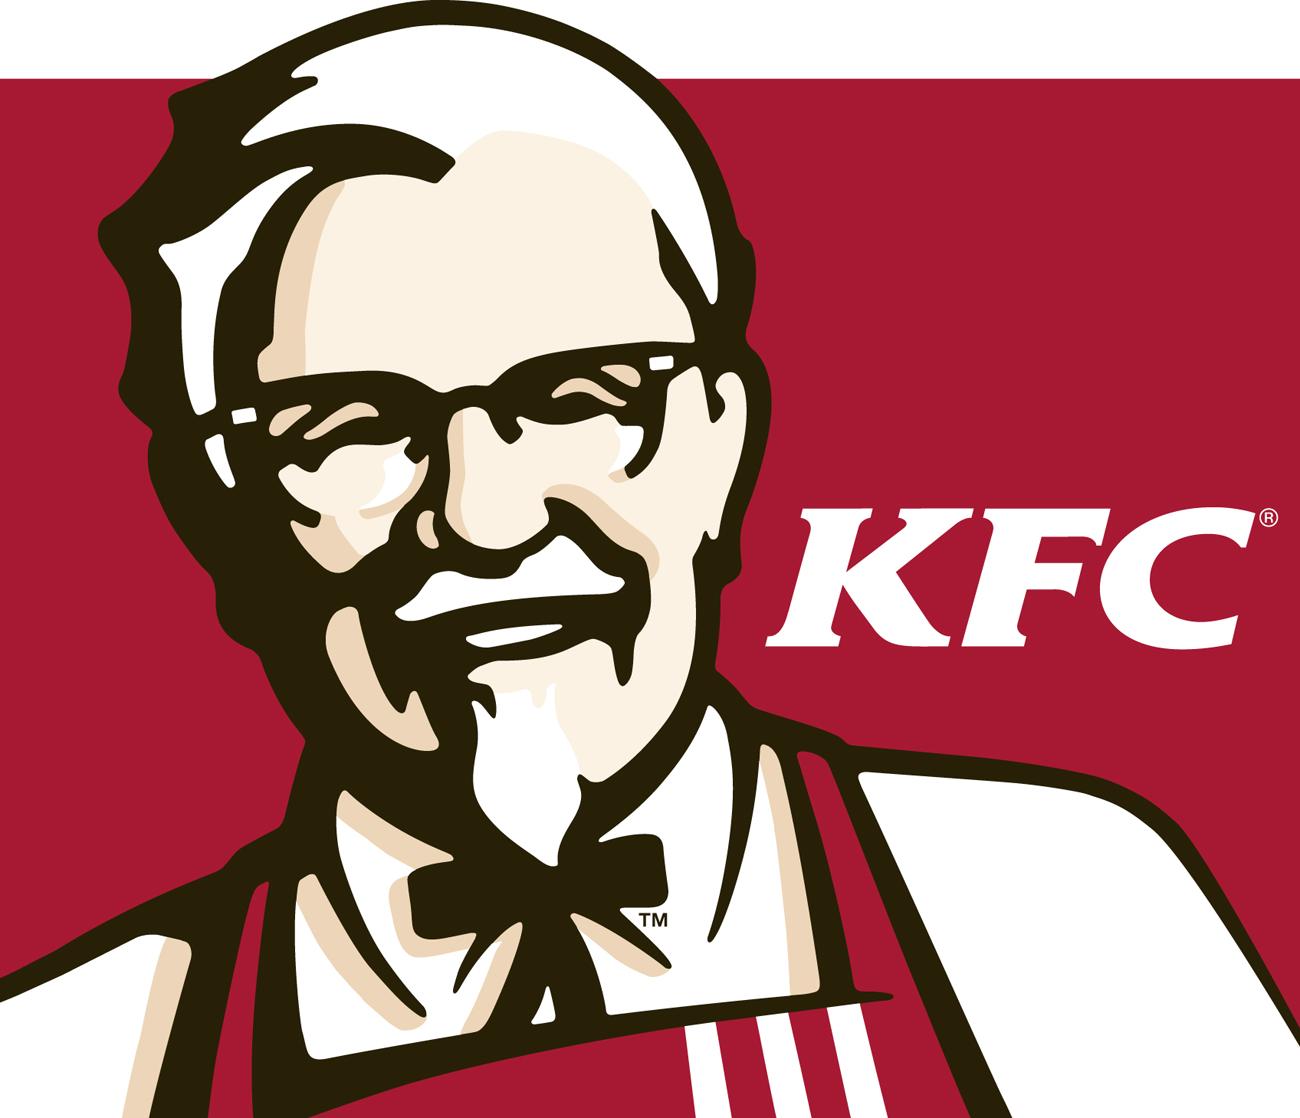 KFC - Morganton Rd